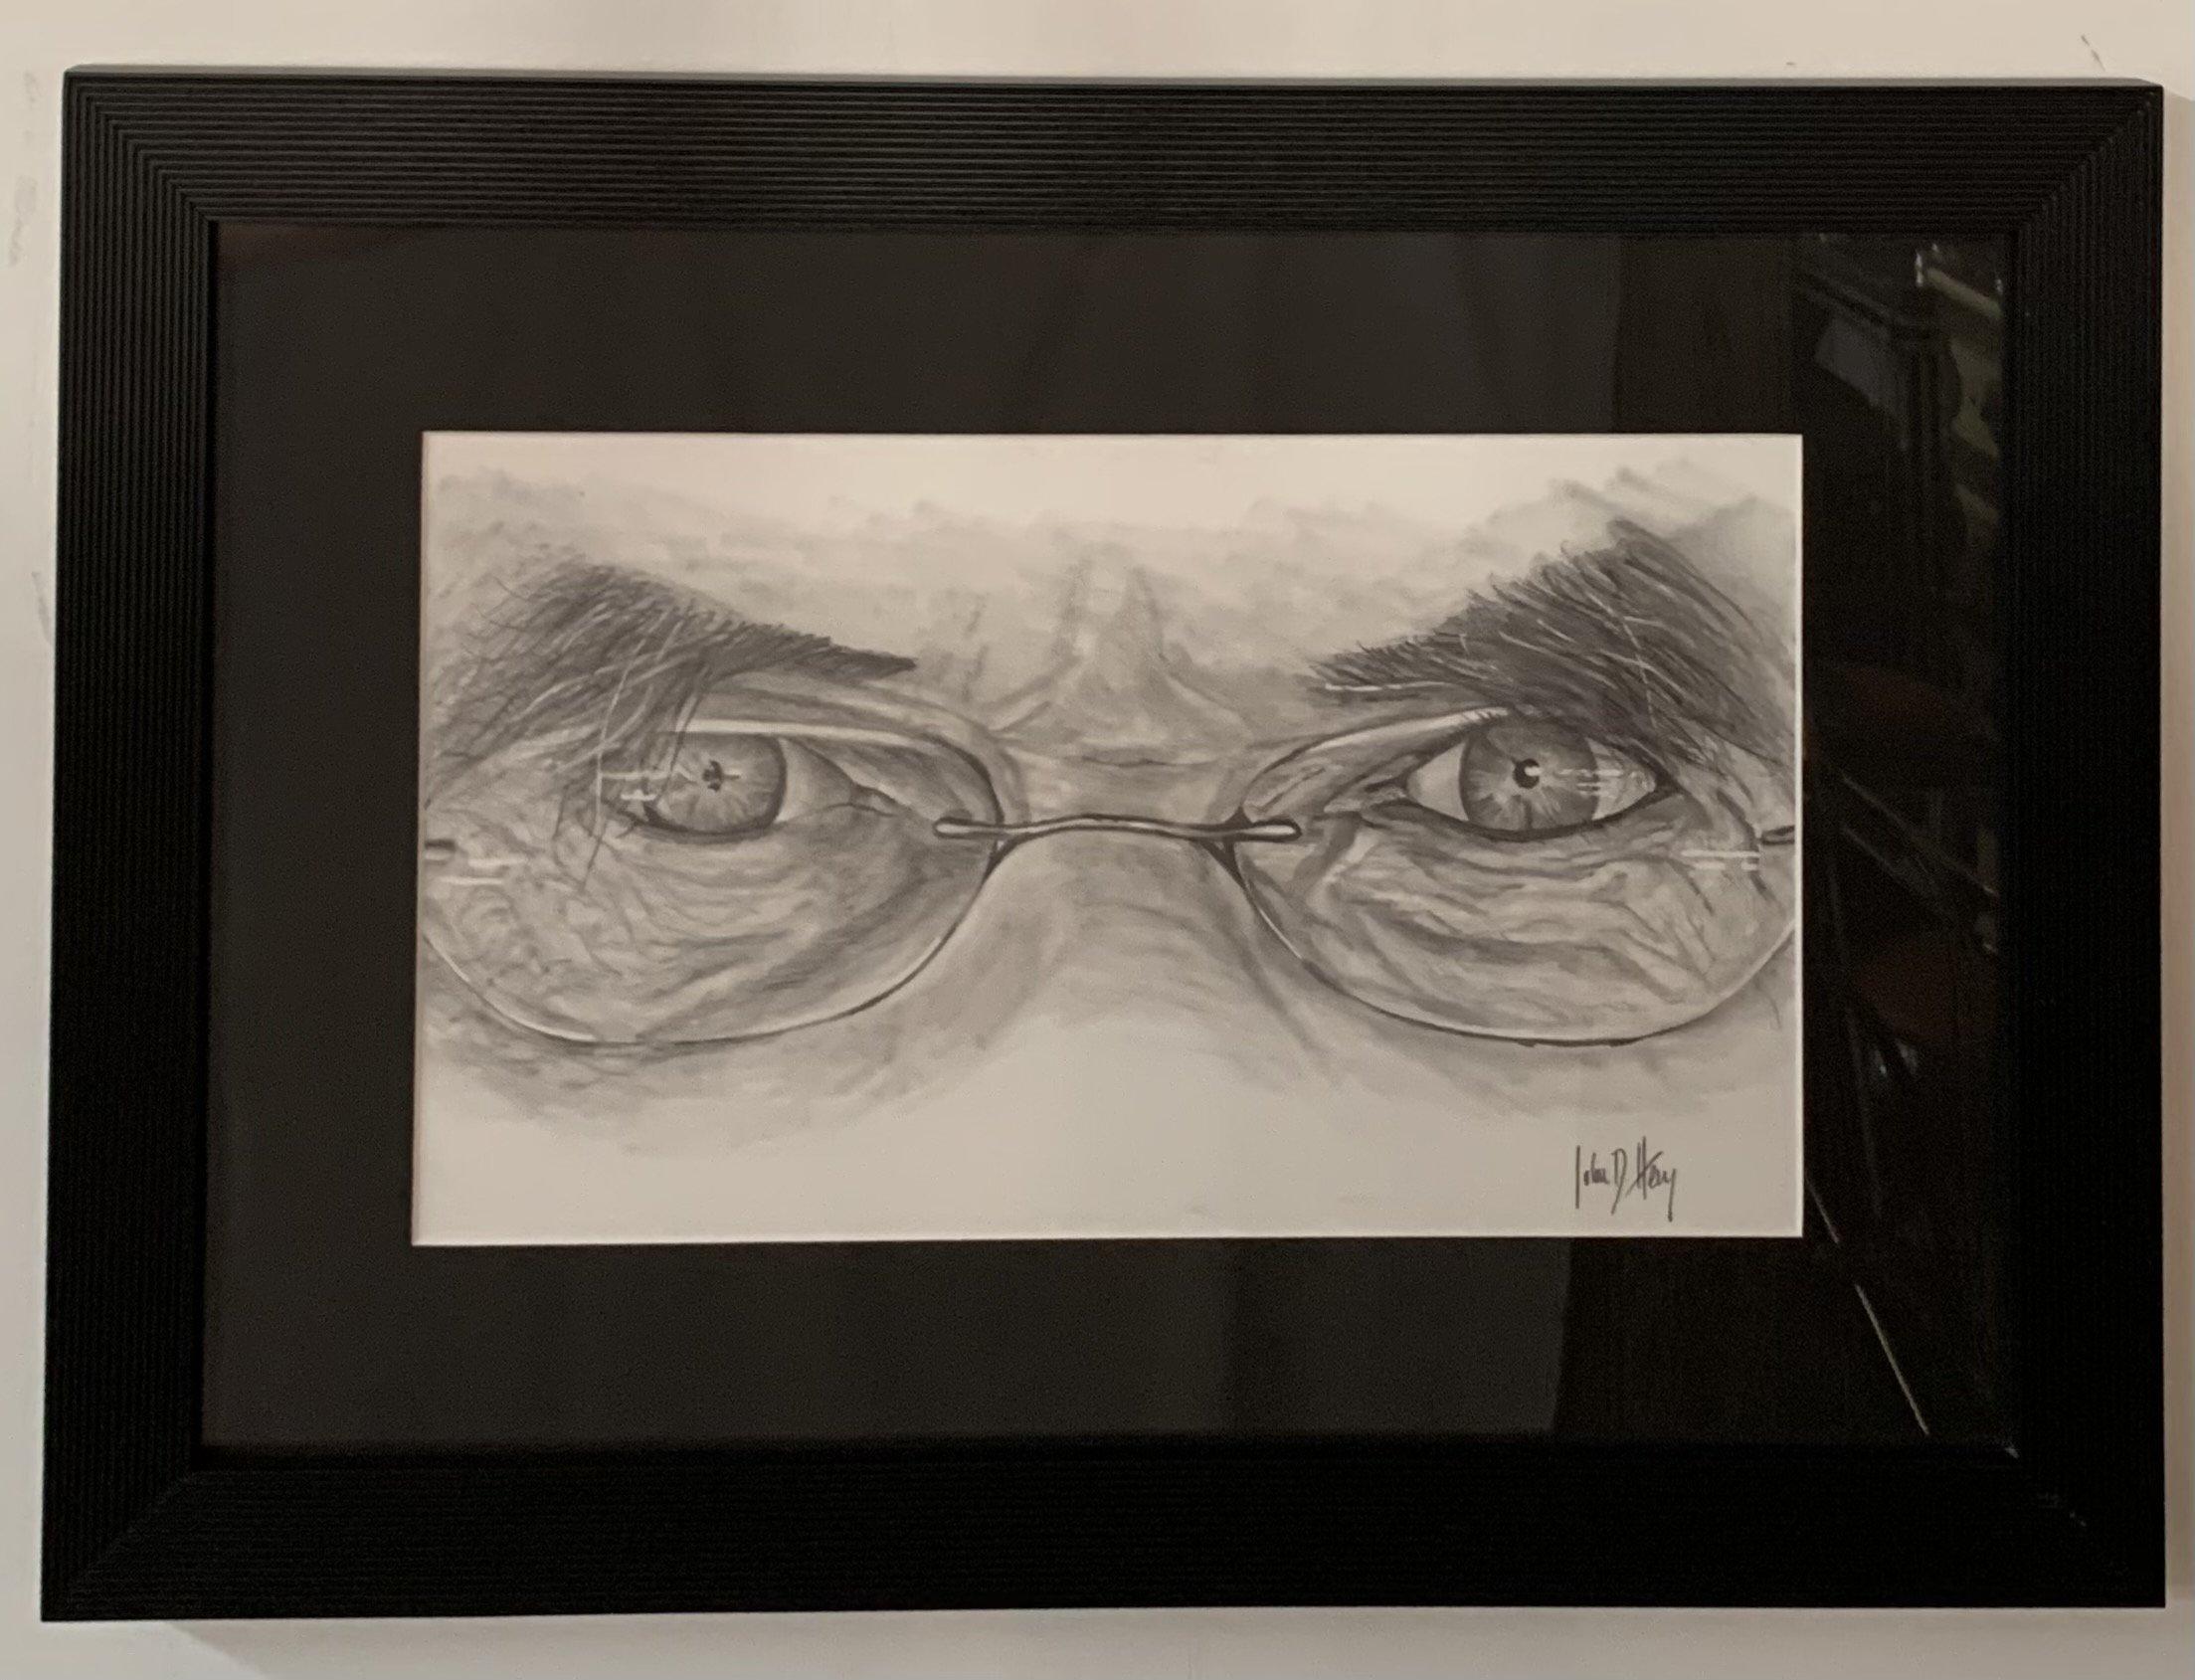 Original Sketch of an Intense Gaze Behind Glasses, Charcoal on Paper Framed